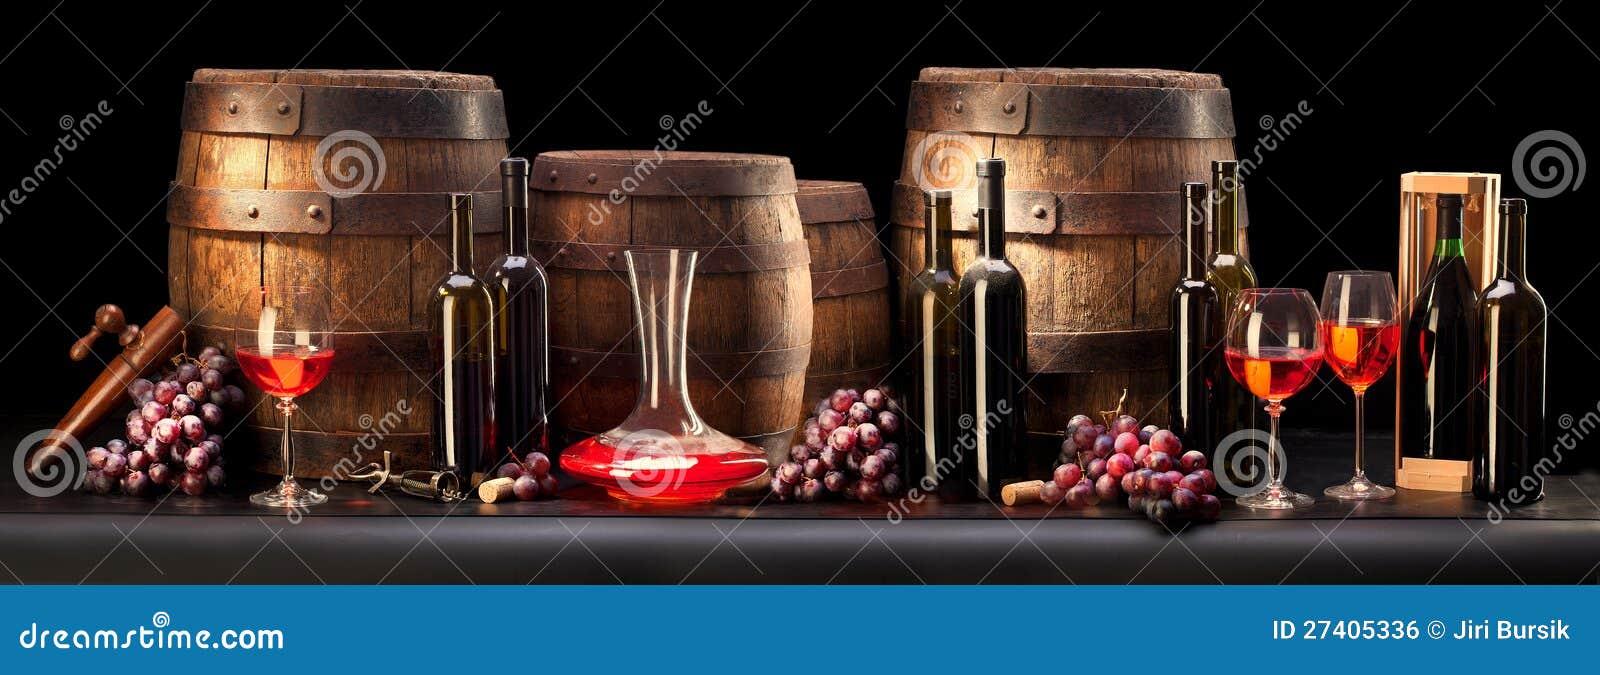 Composizione con vino rosso